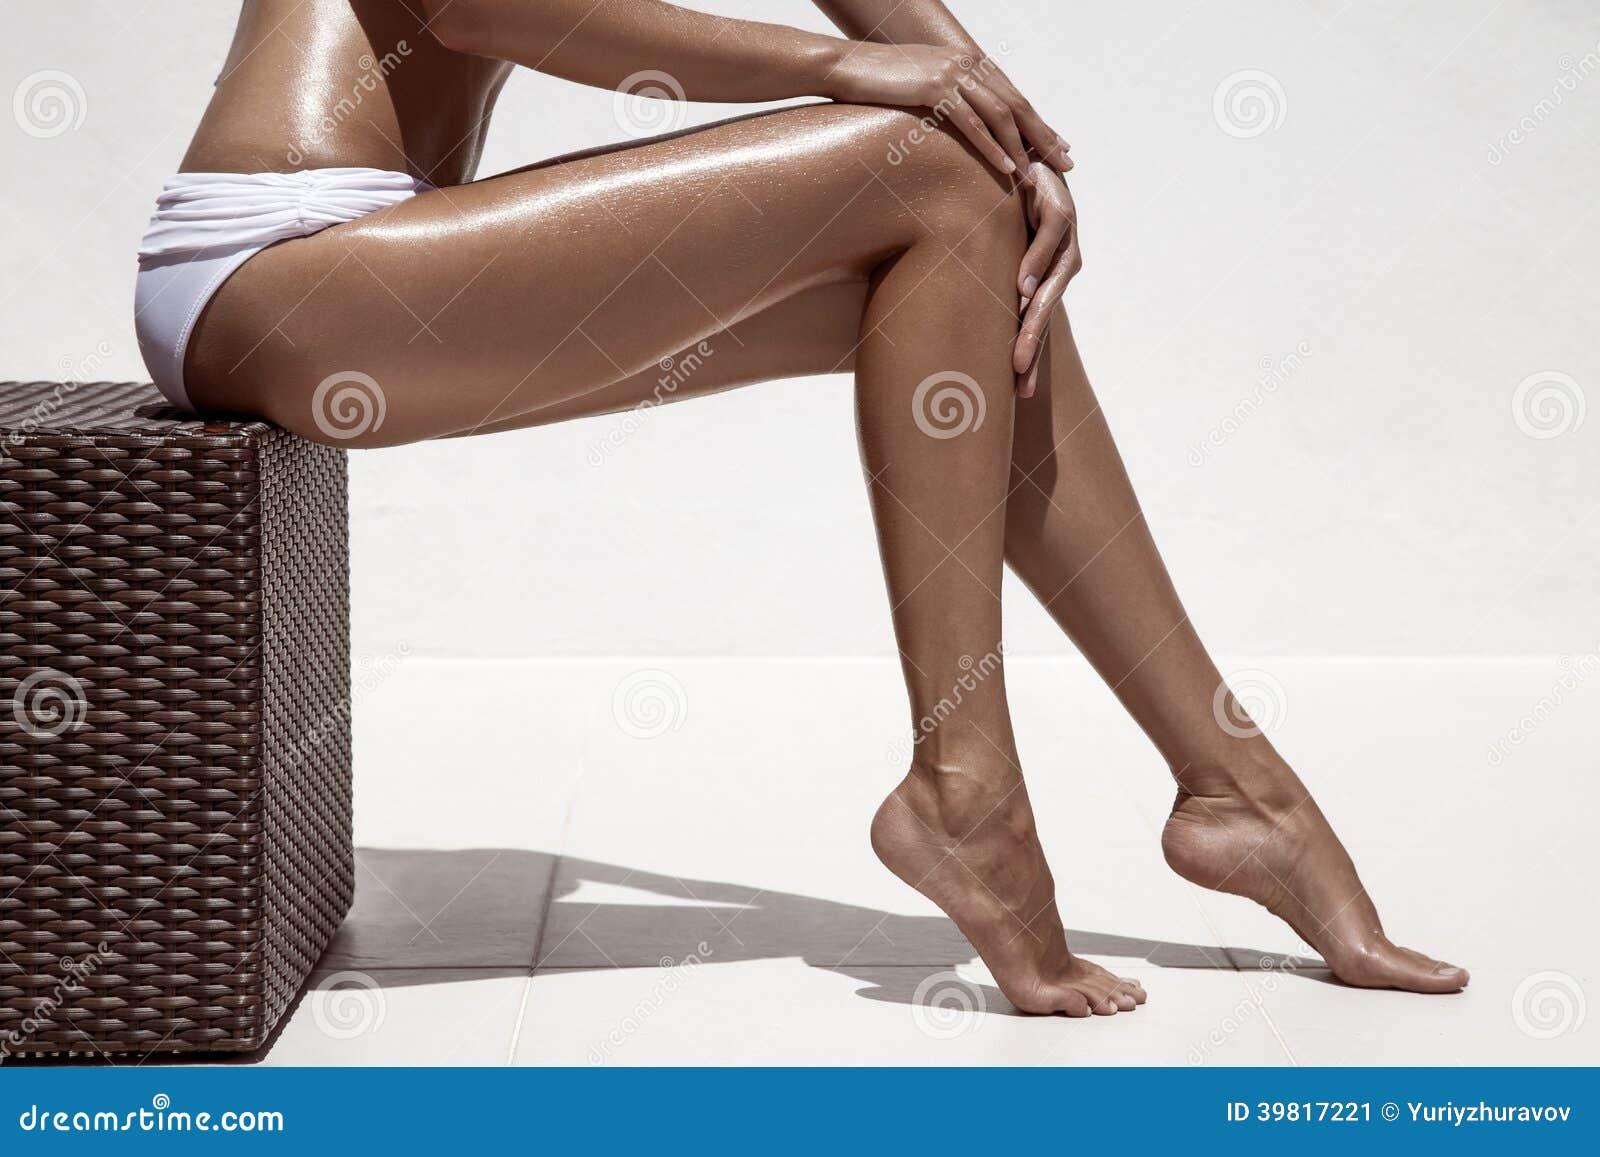 Piękne kobieta dębnika nogi. Przeciw biel ścianie.